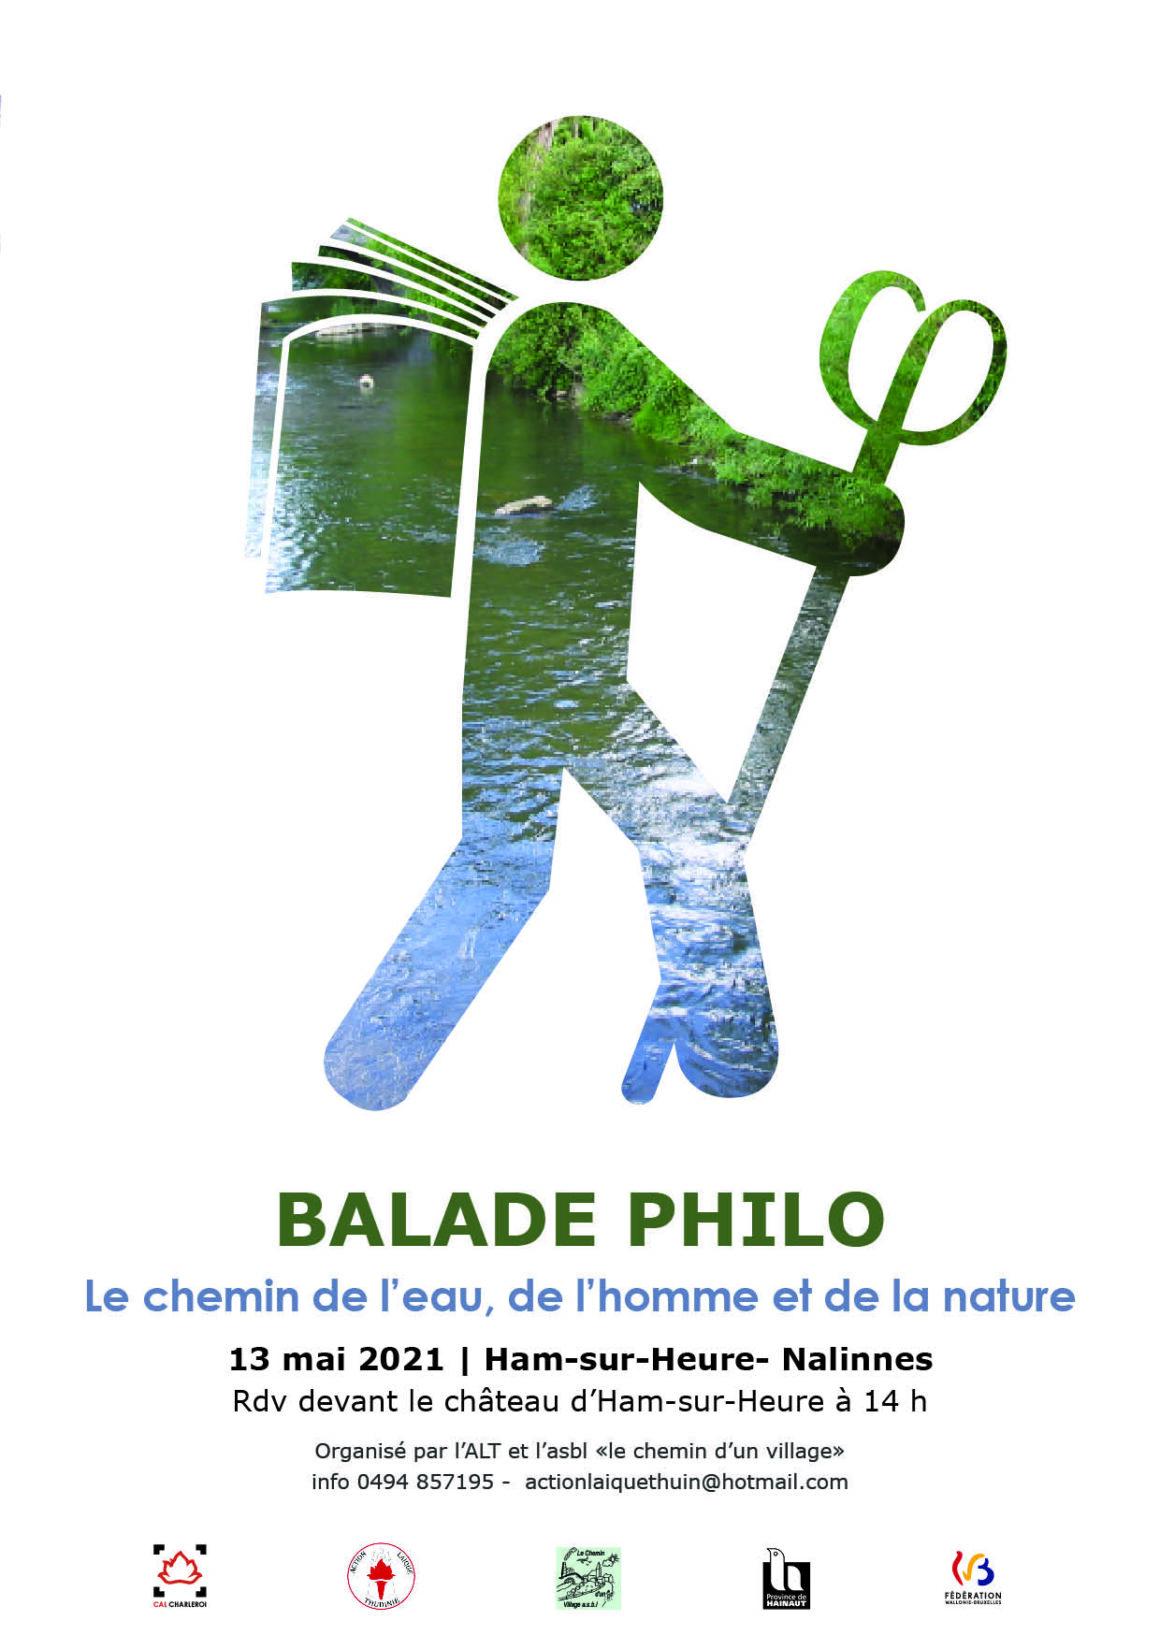 BALADE PHILO : Le chemin de l'eau, de l'homme et de la nature.